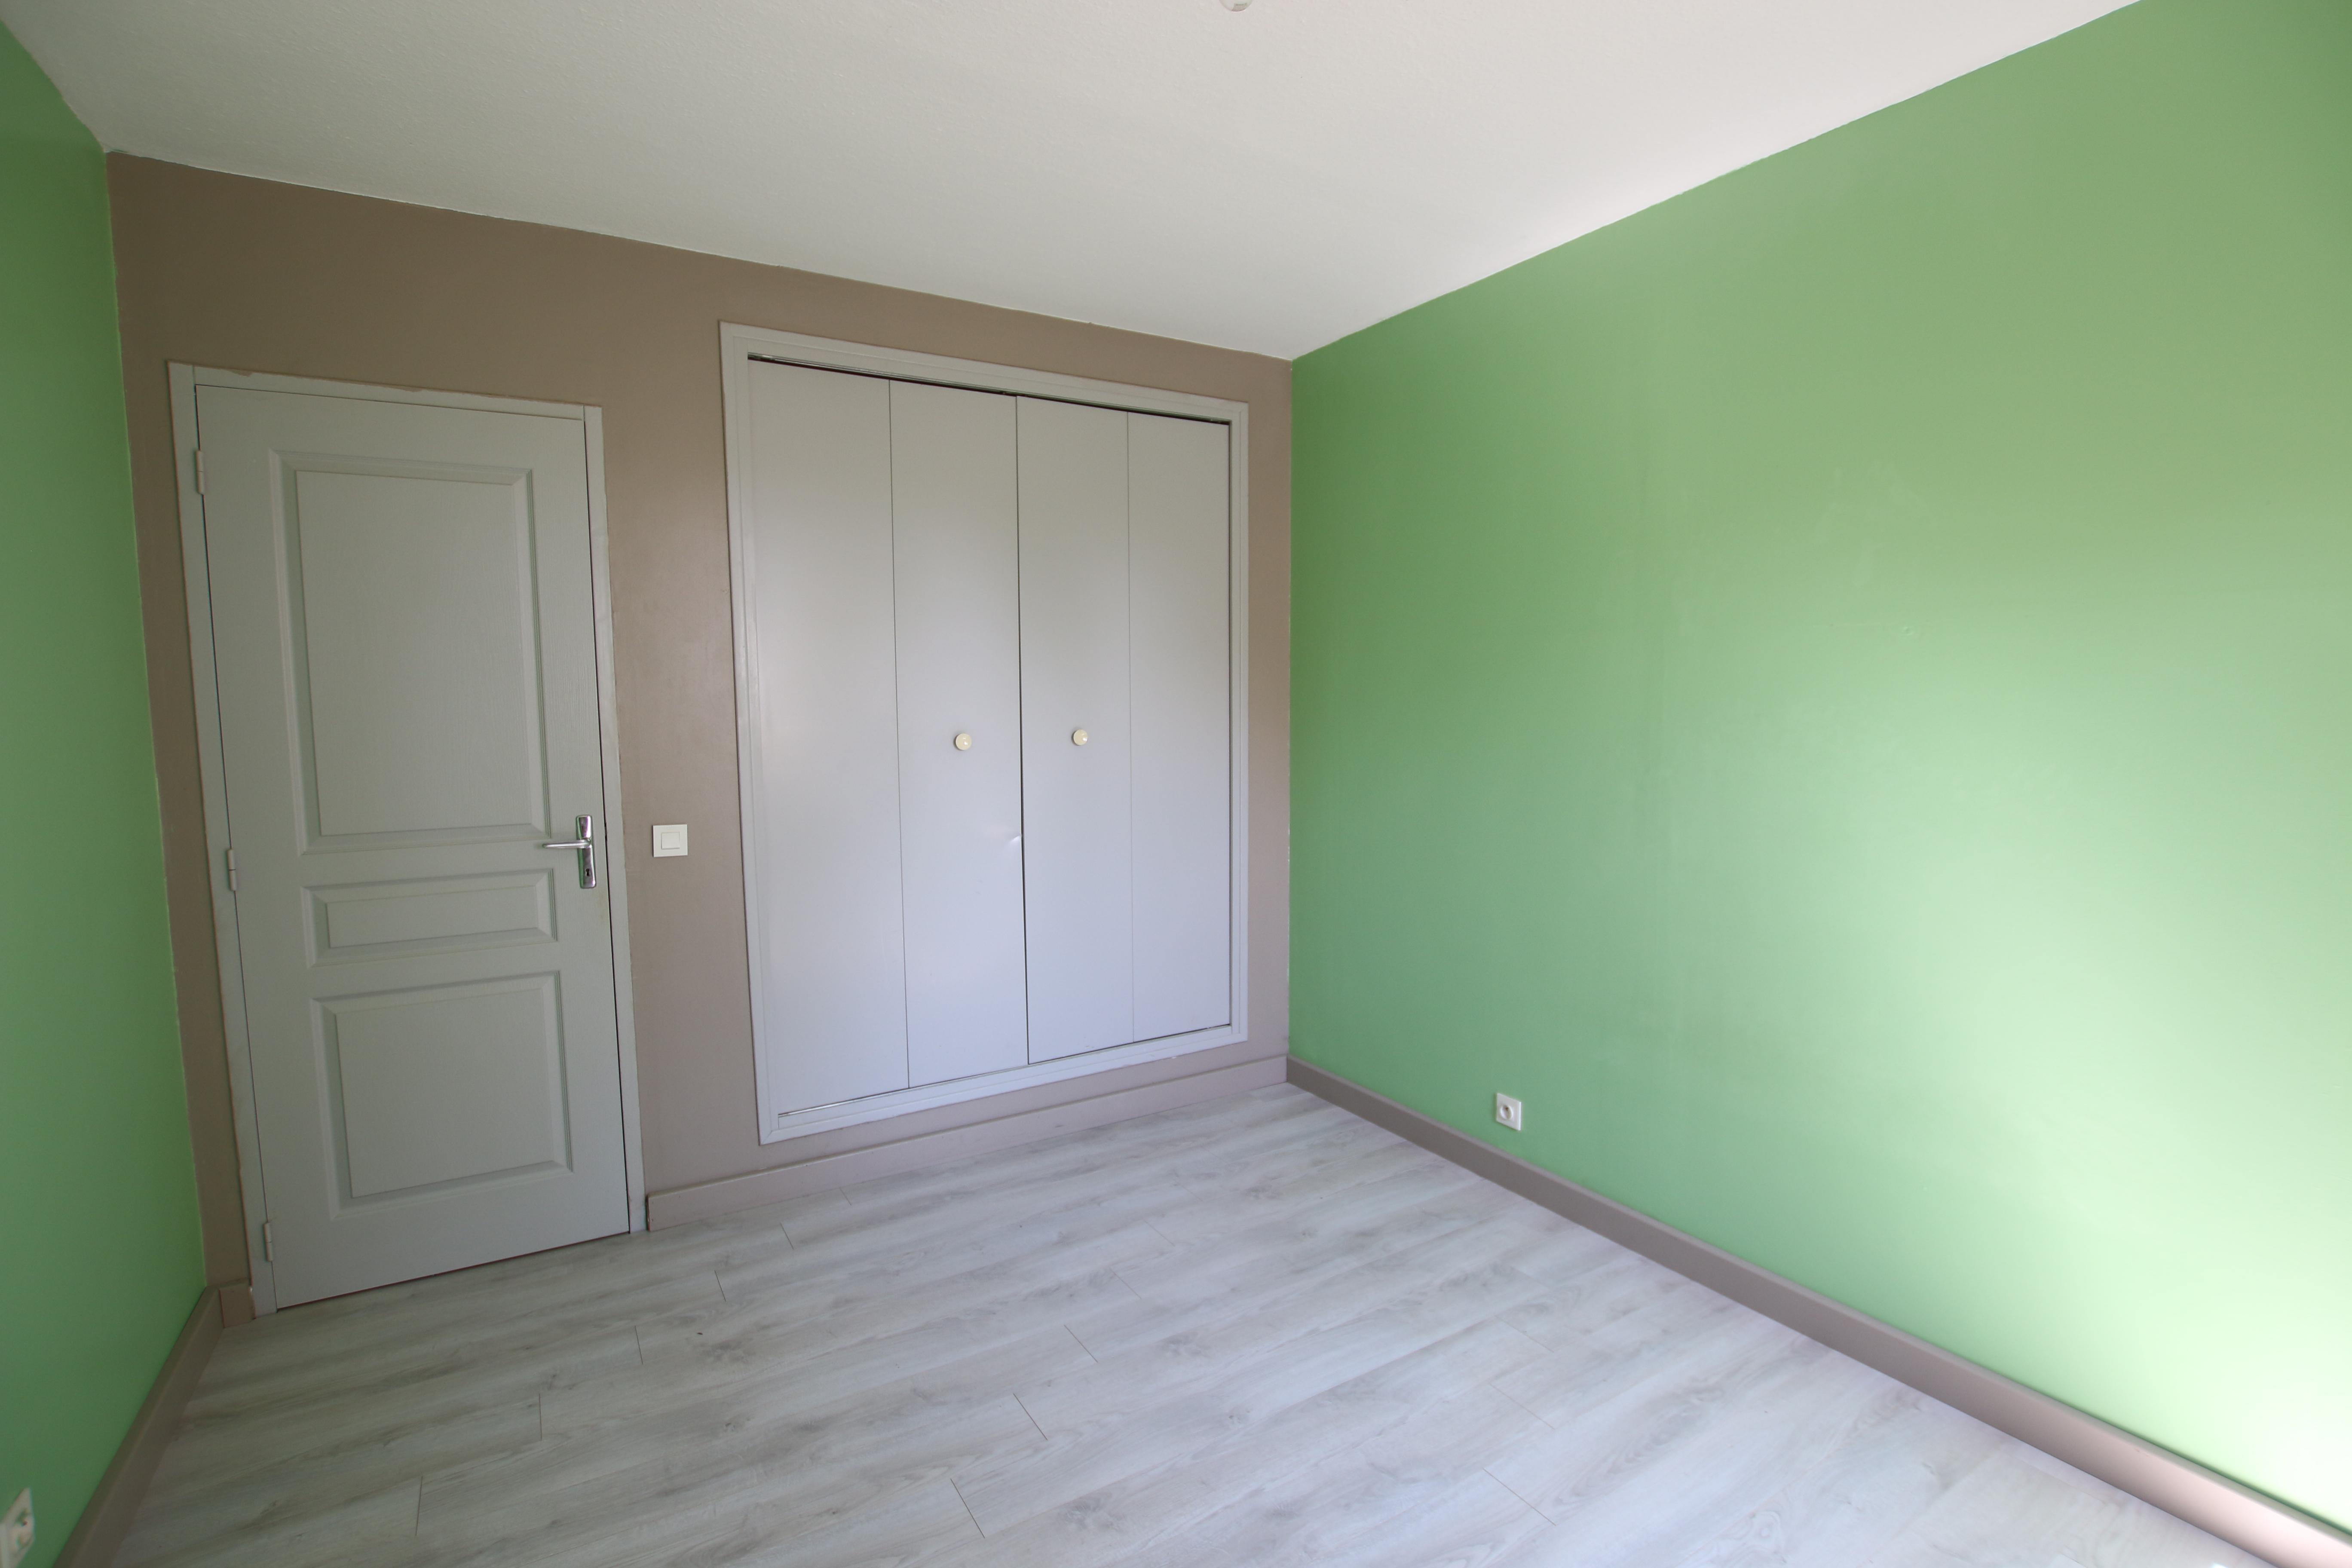 Bedoin maison_chambre 2